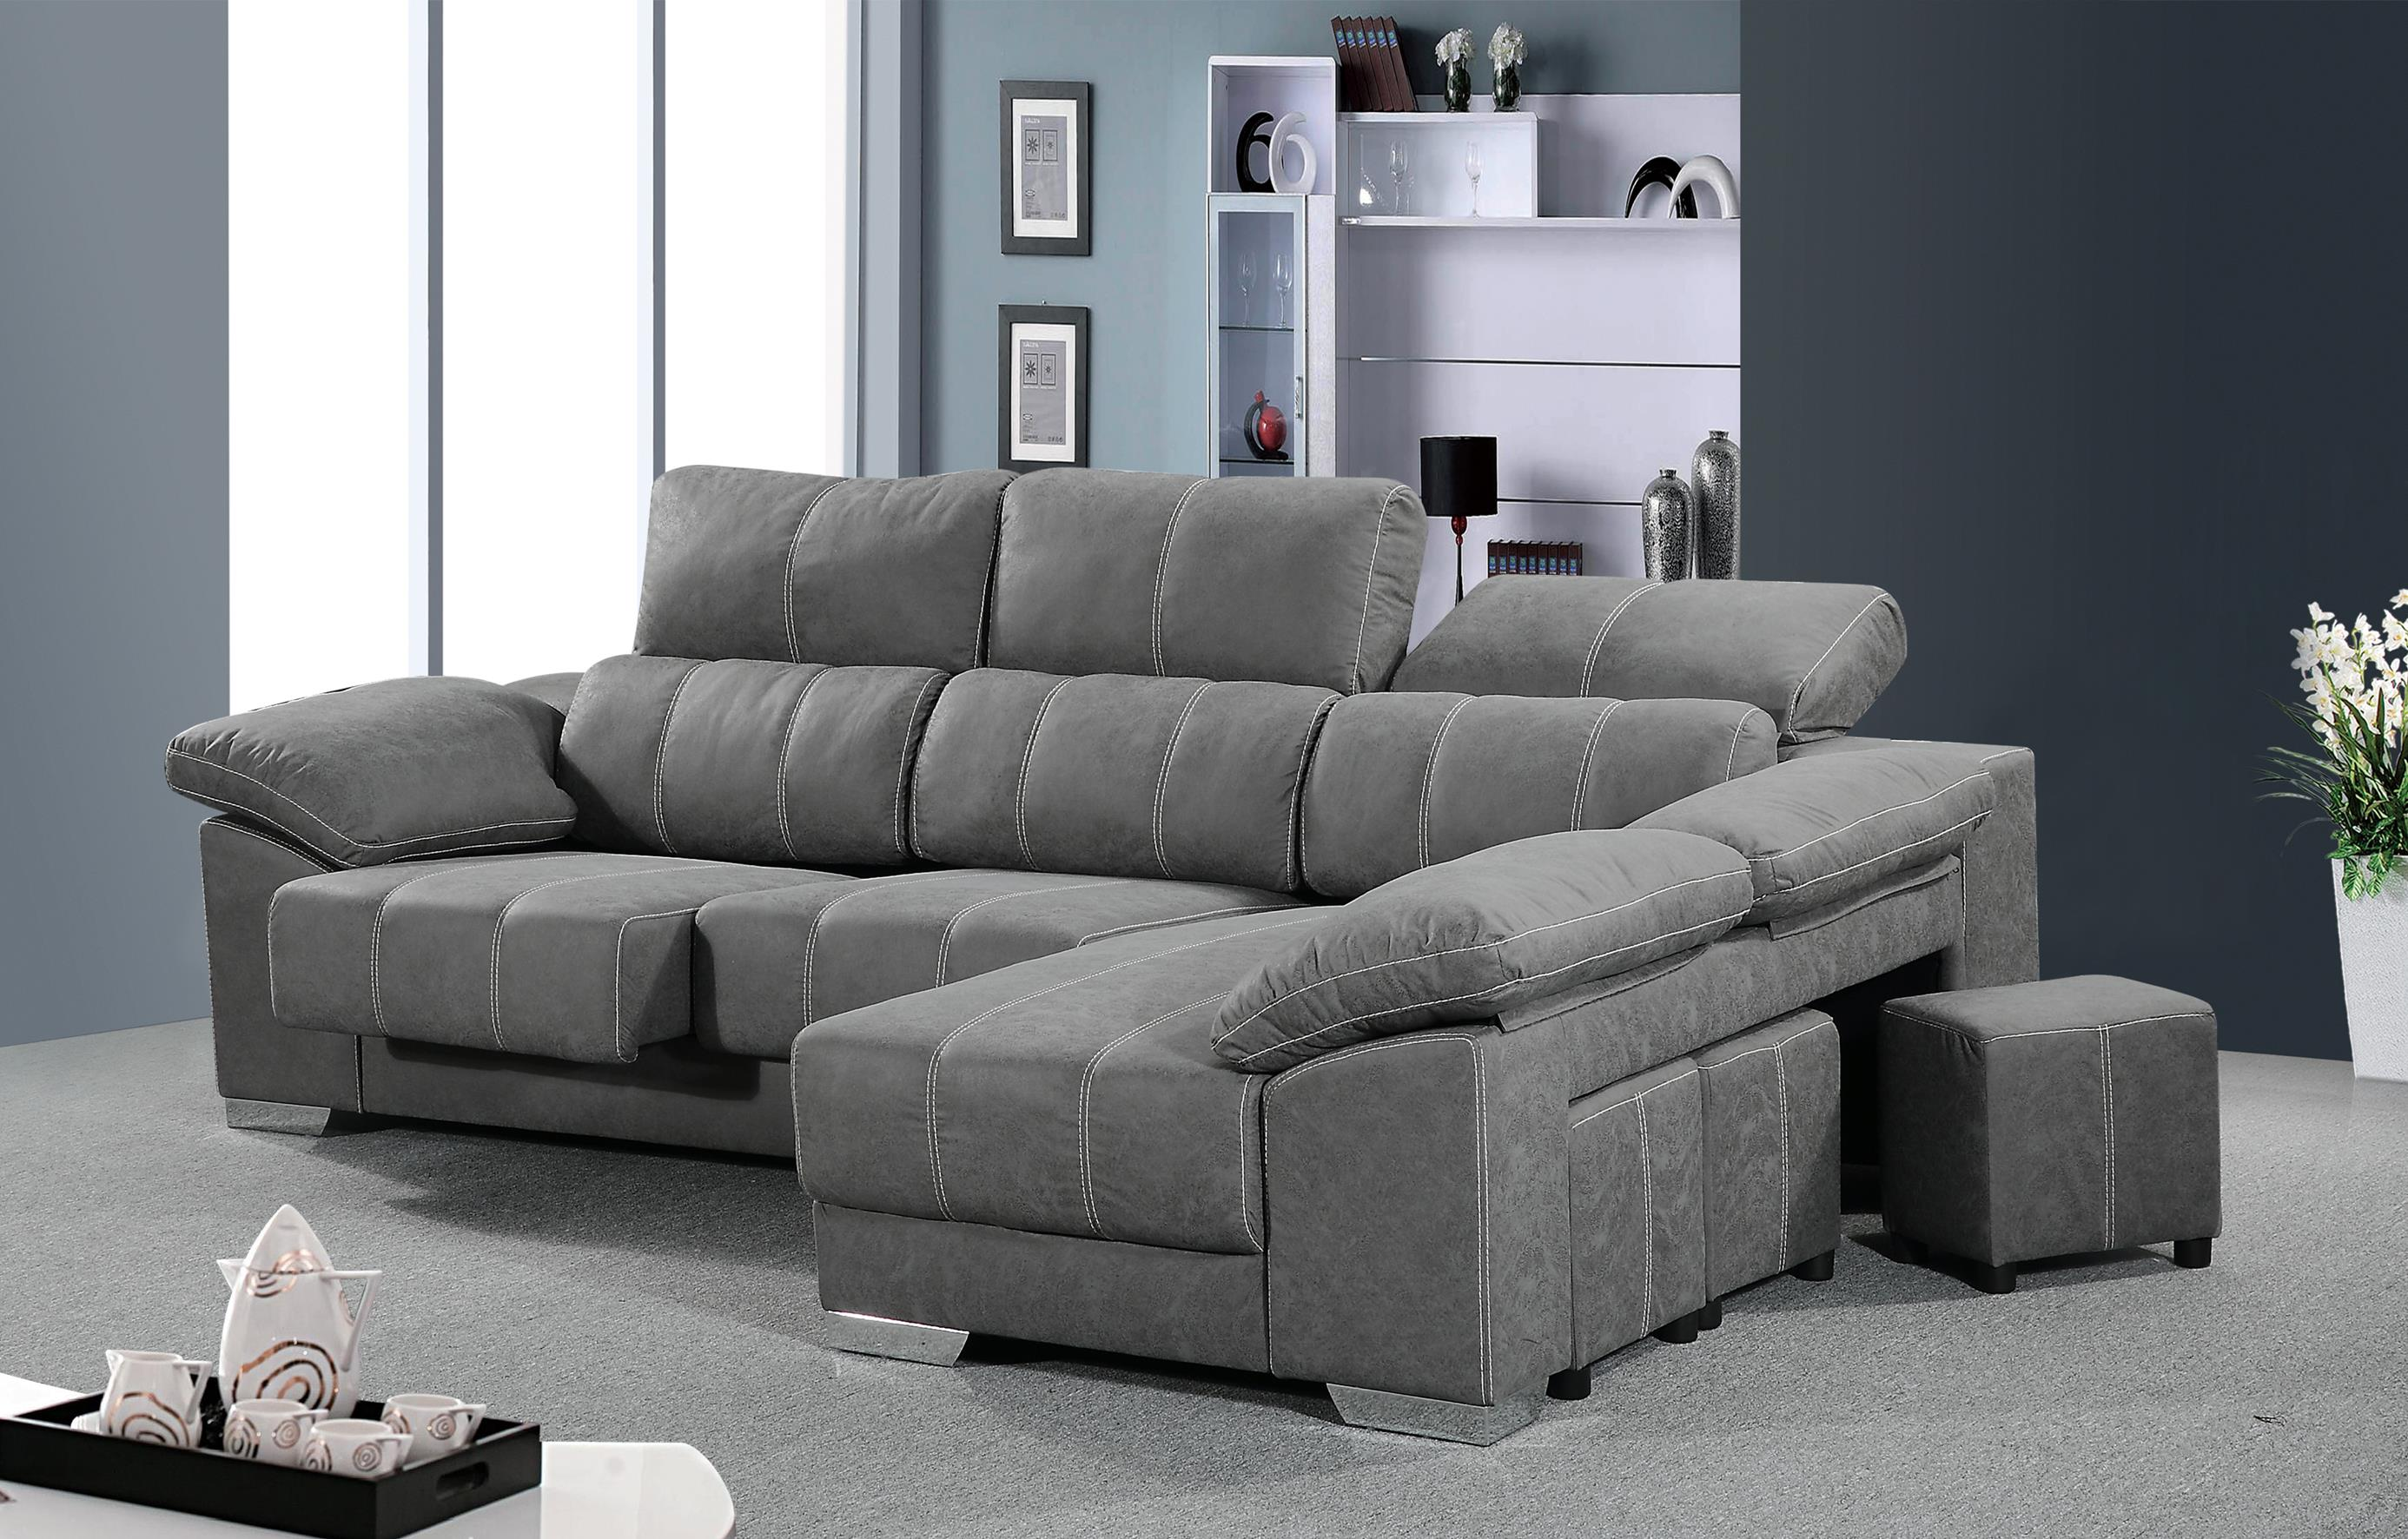 Chaisselongue m s 3 plazas muebles bandama for Muebles bandama